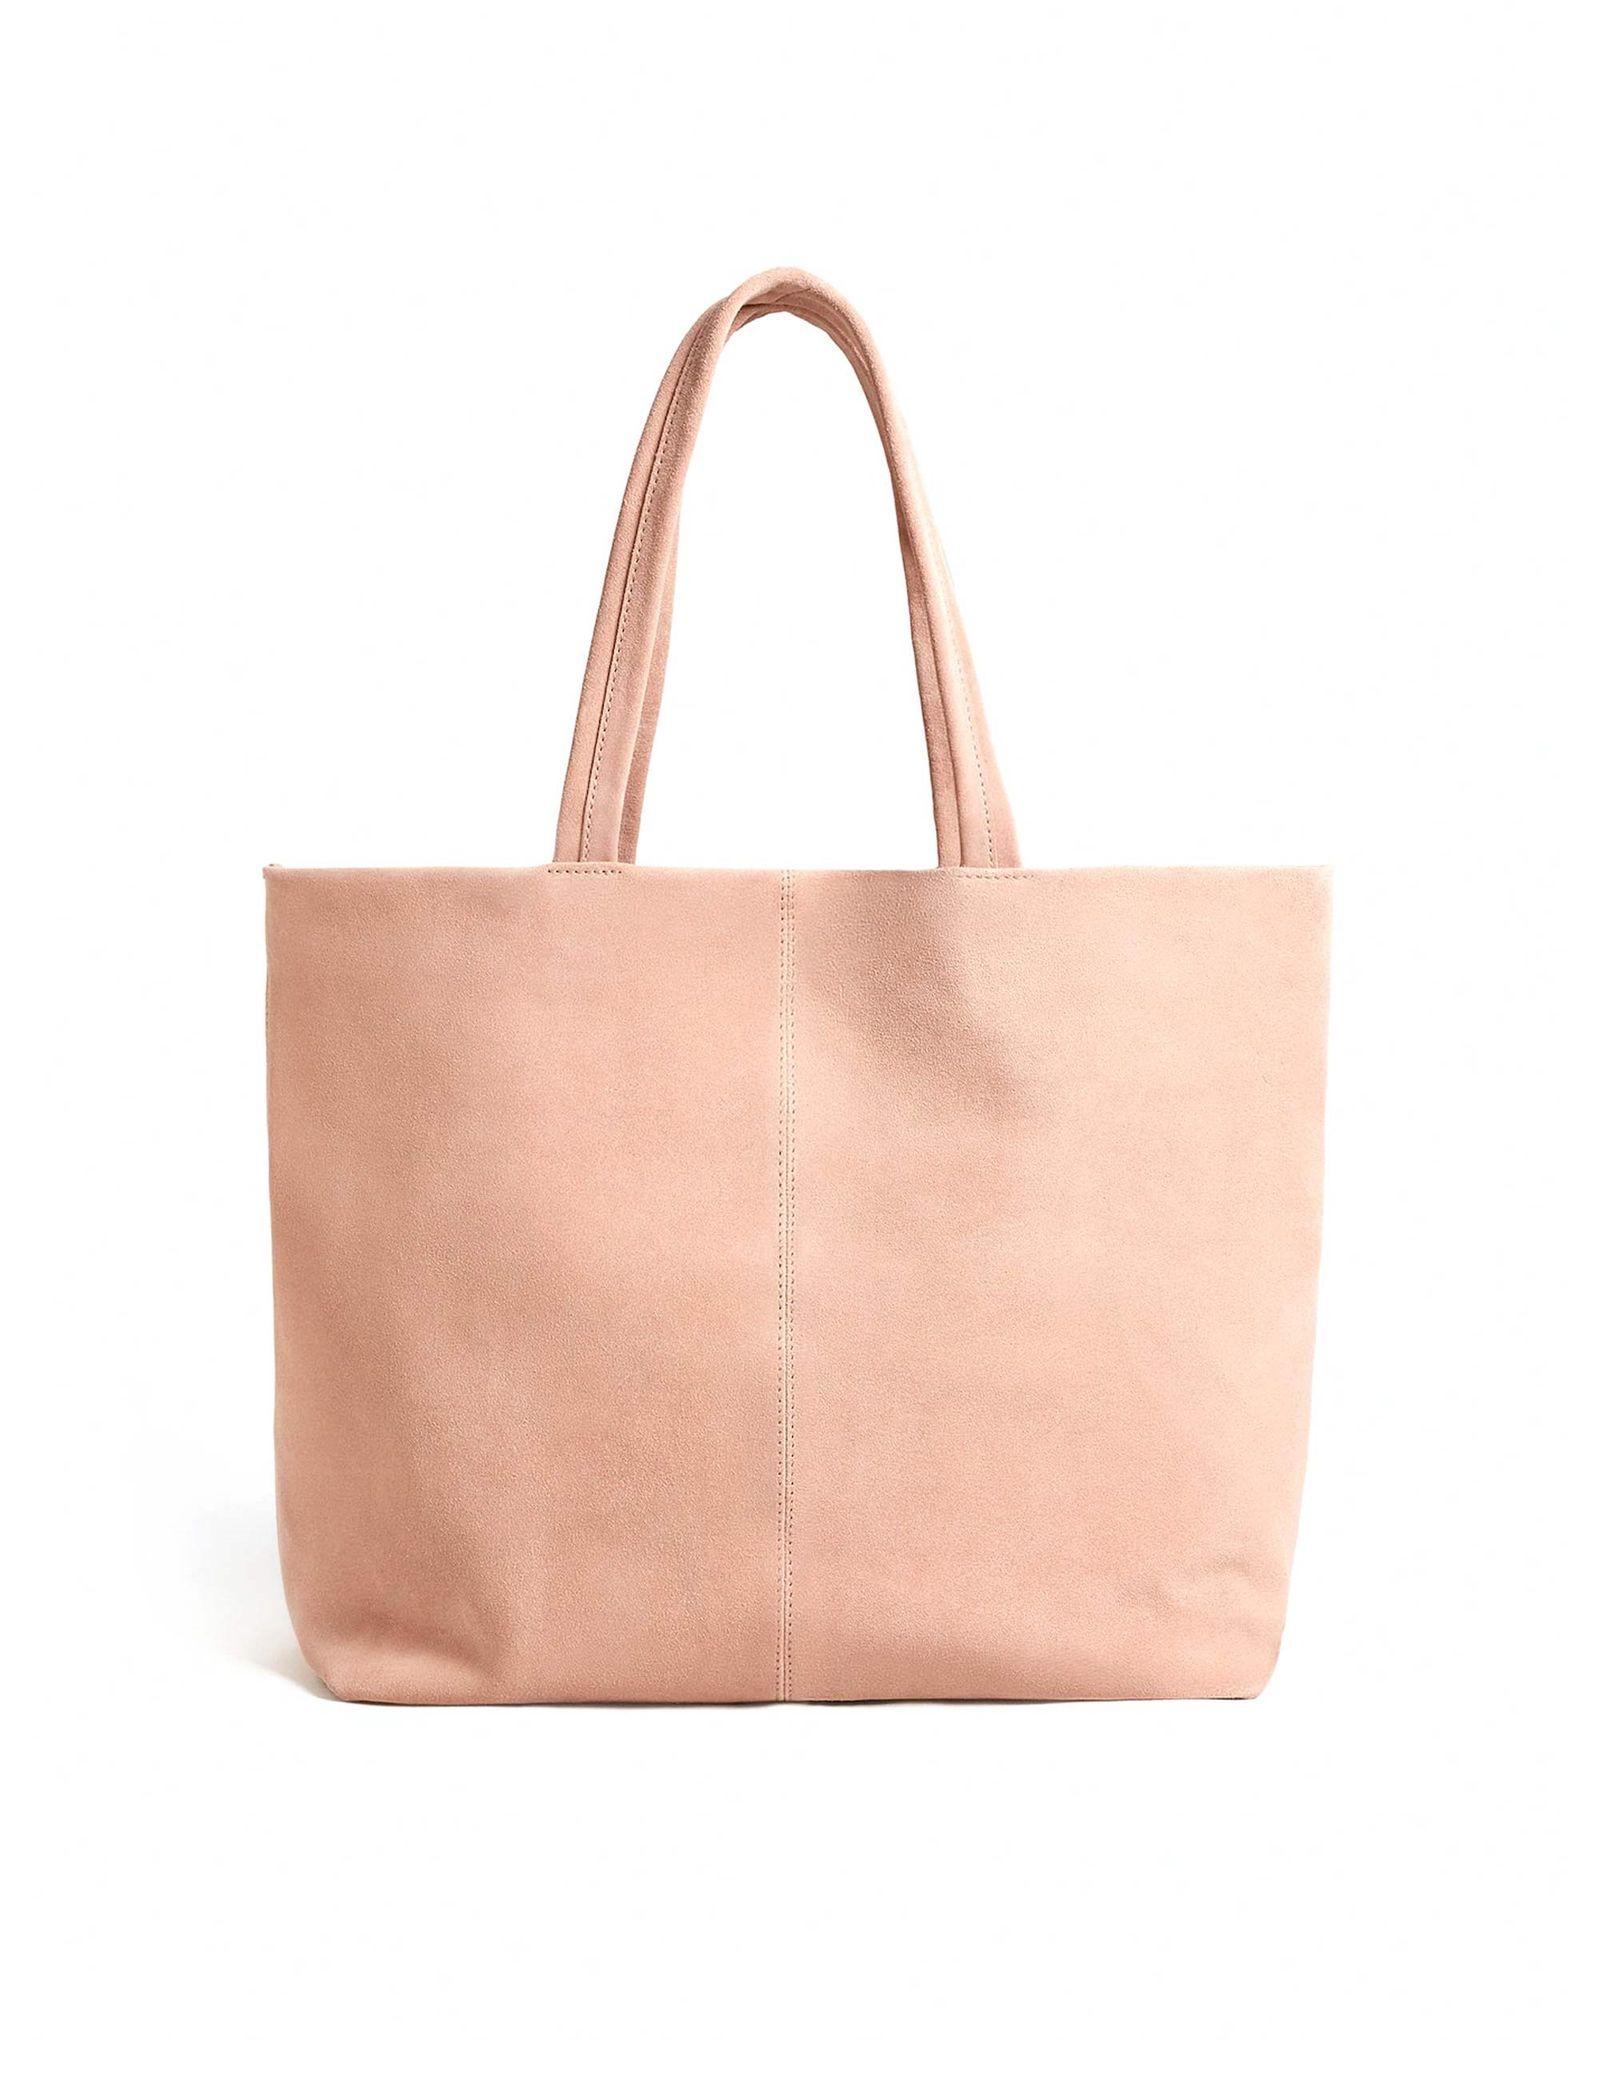 کیف دوشی روزمره زنانه - مانگو - صورتي کم رنگ - 1